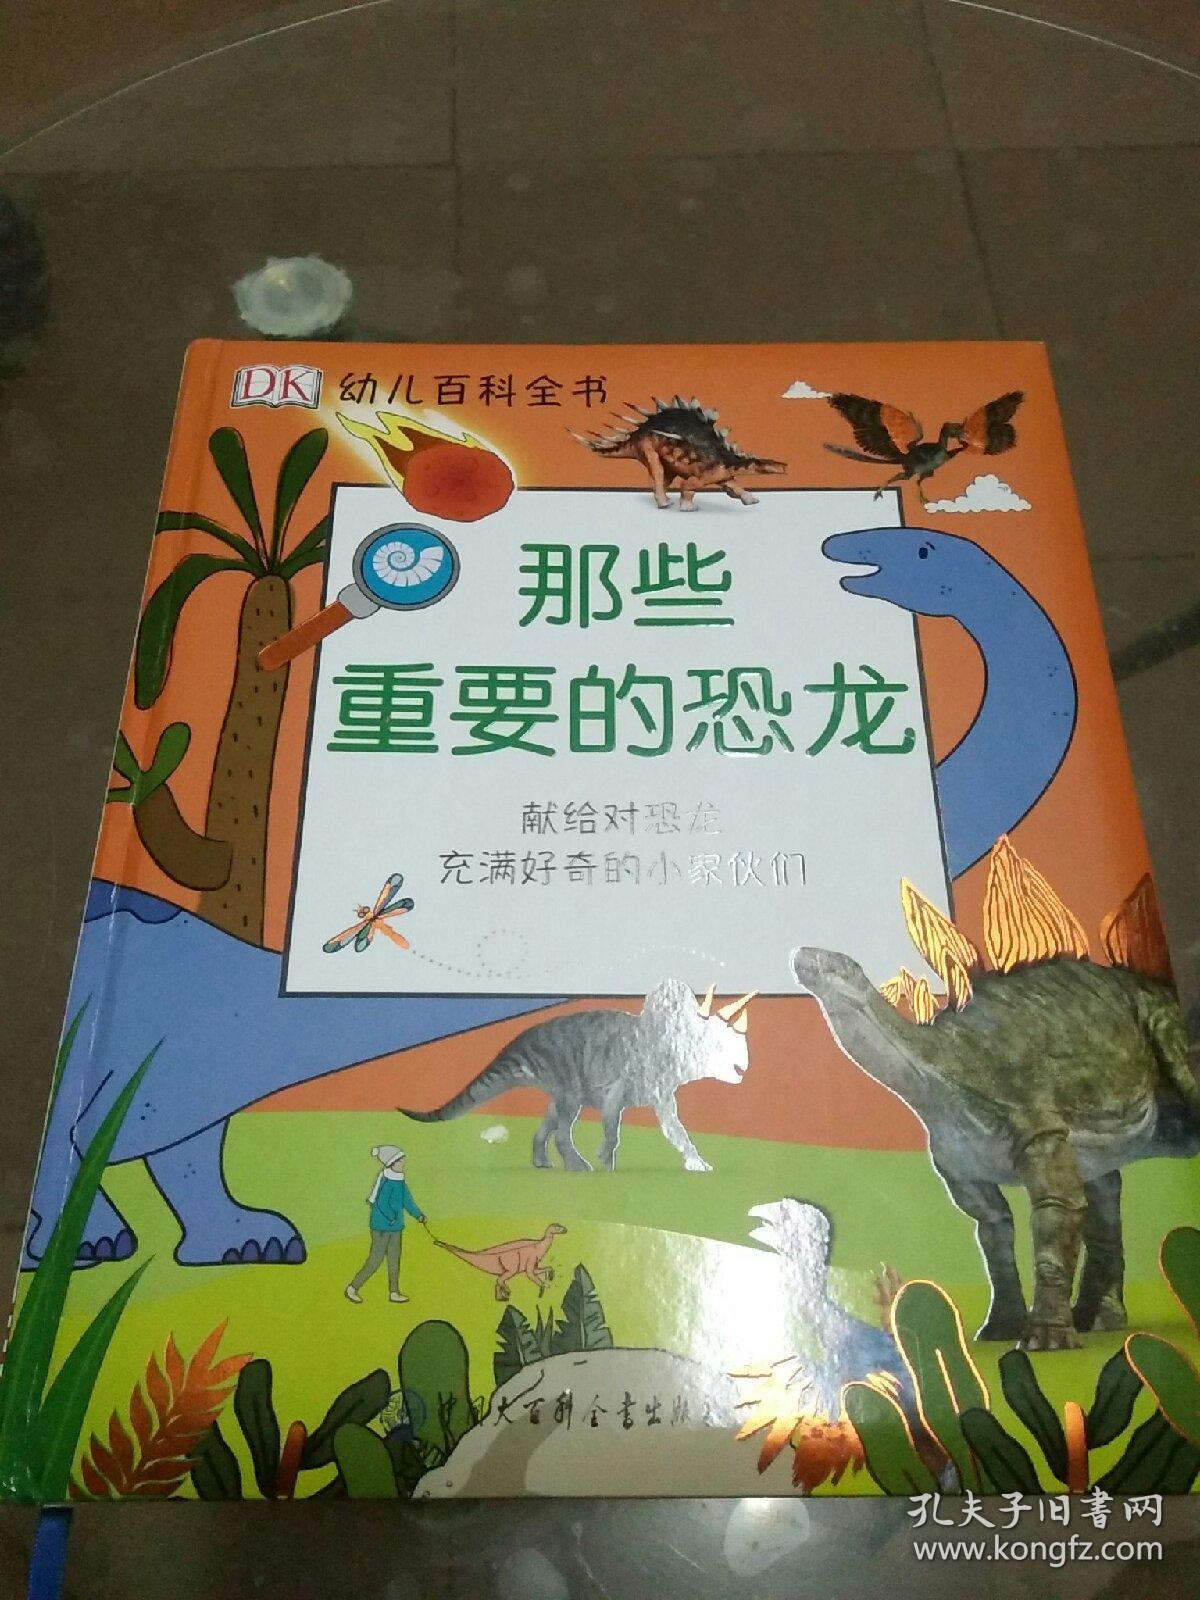 DK幼儿百科全书——那些重要的恐龙